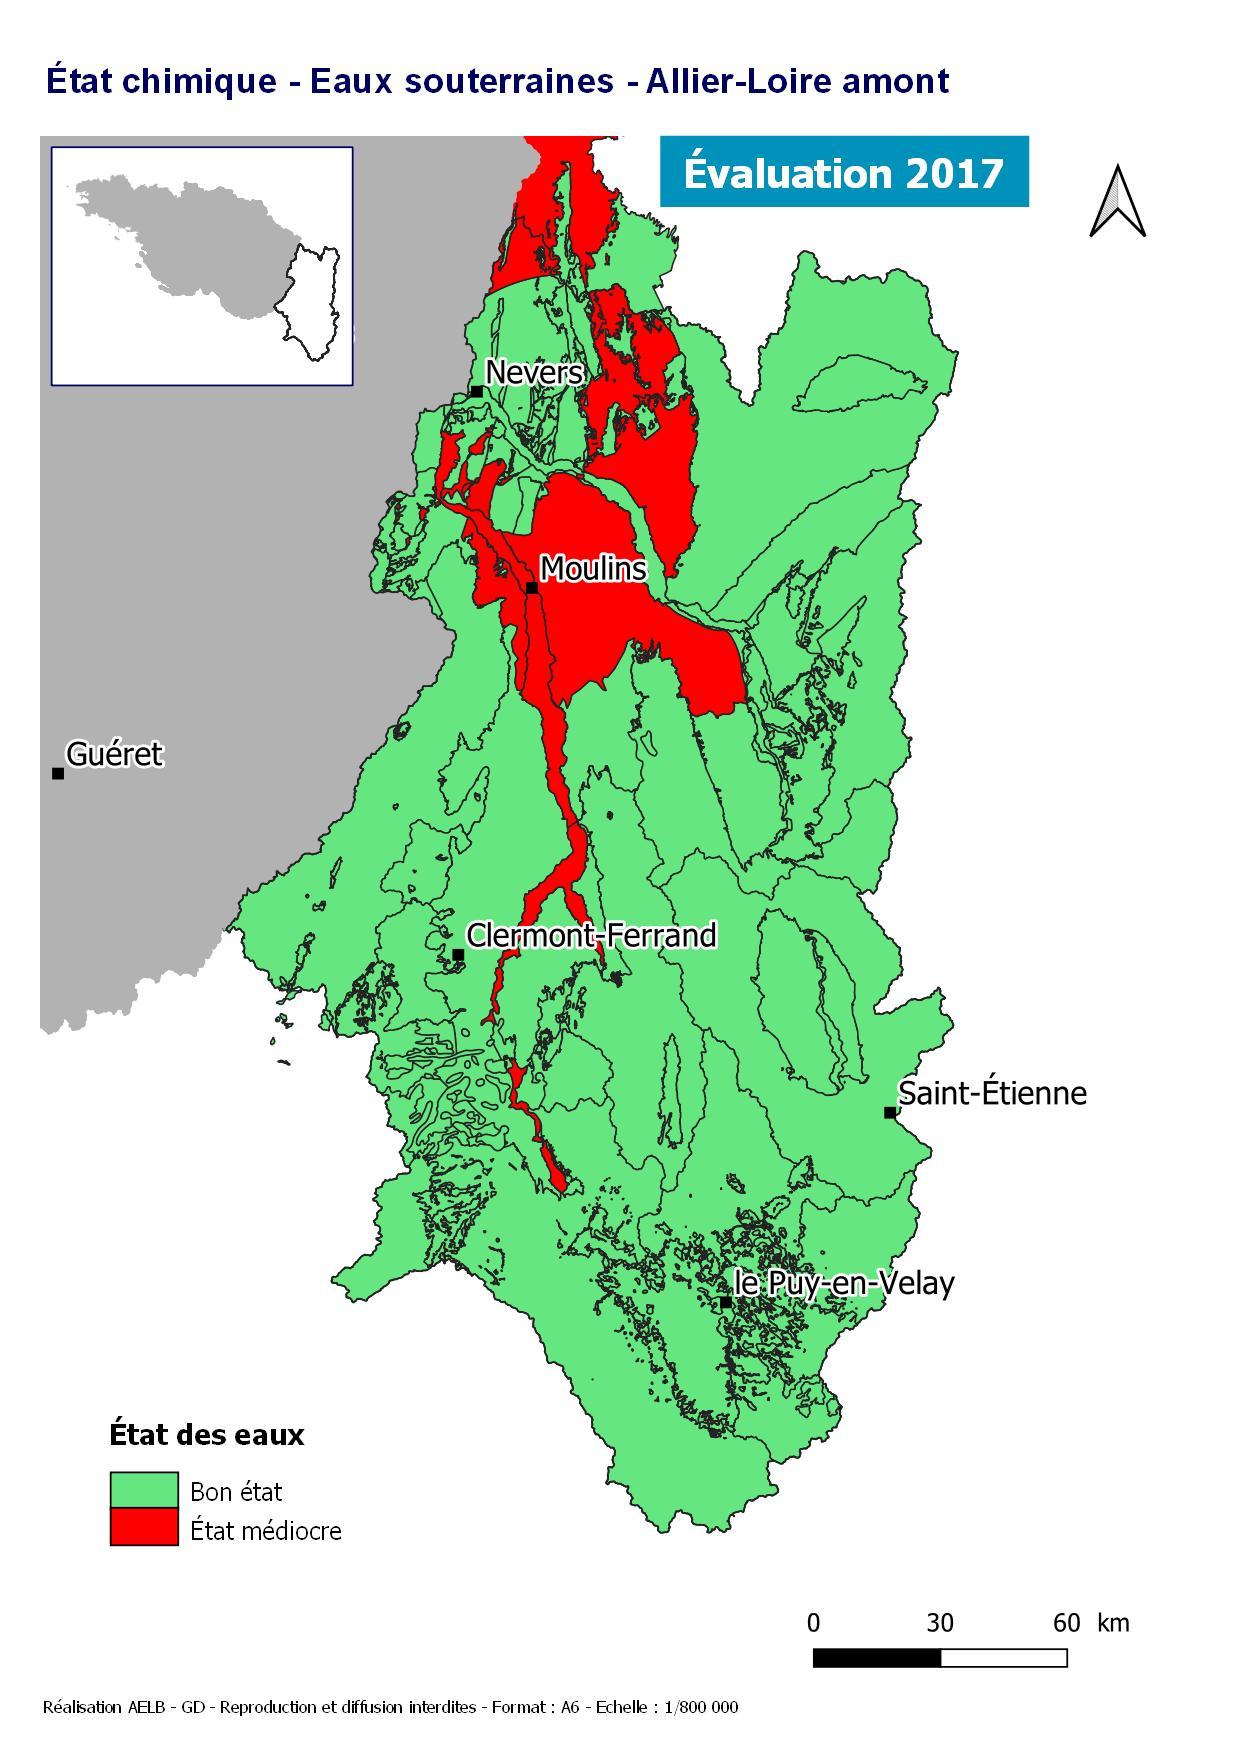 Évaluation 2017 de l'état chimique des eaux souterraines - Allier Loire amont